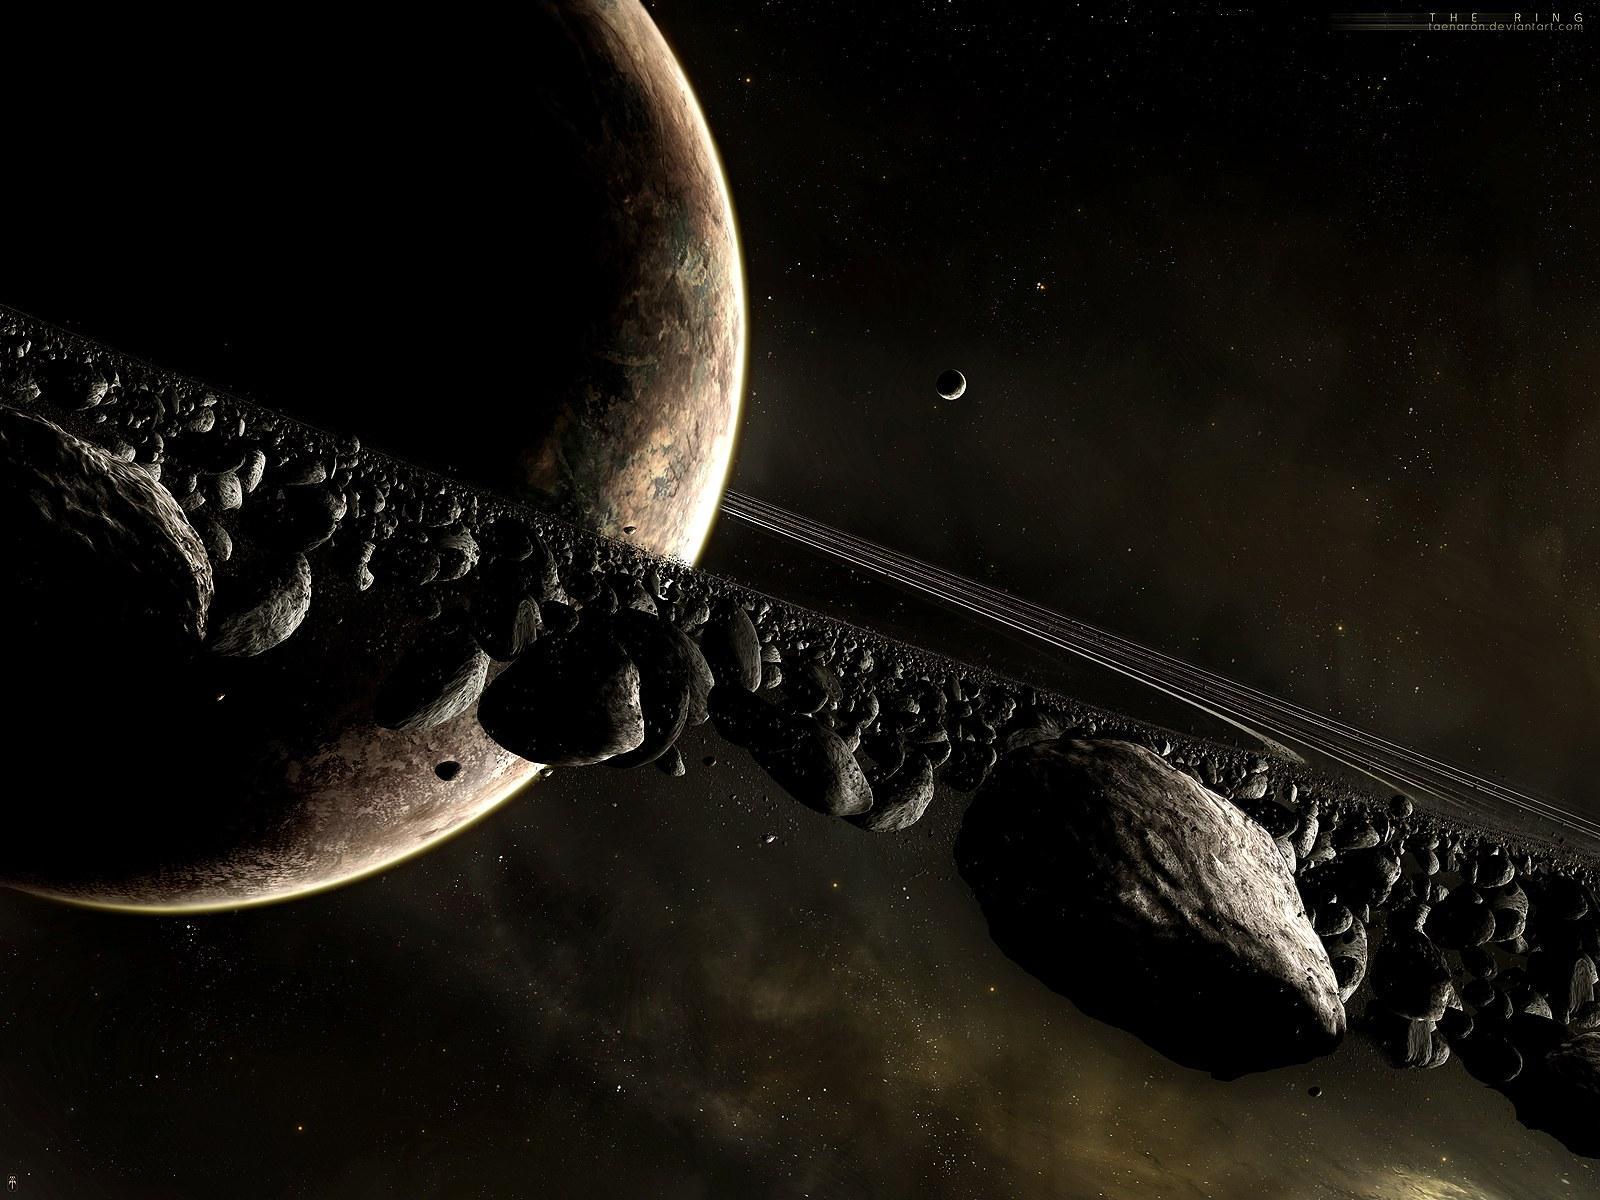 Сатурн обои 1600x1200